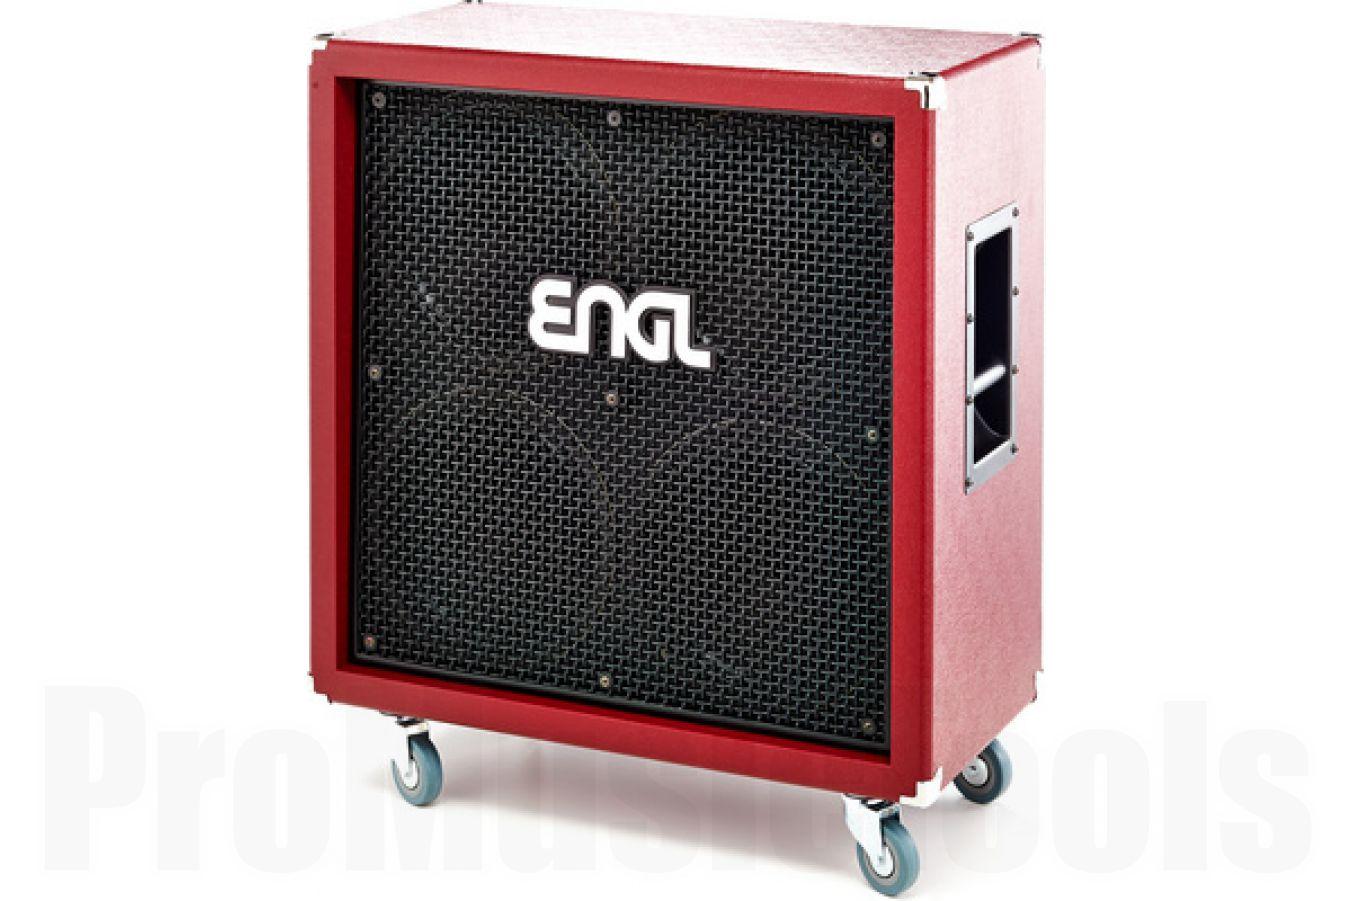 Engl Extreme Aggression Ltd 4x12 Pro Cabinet E412VGRED